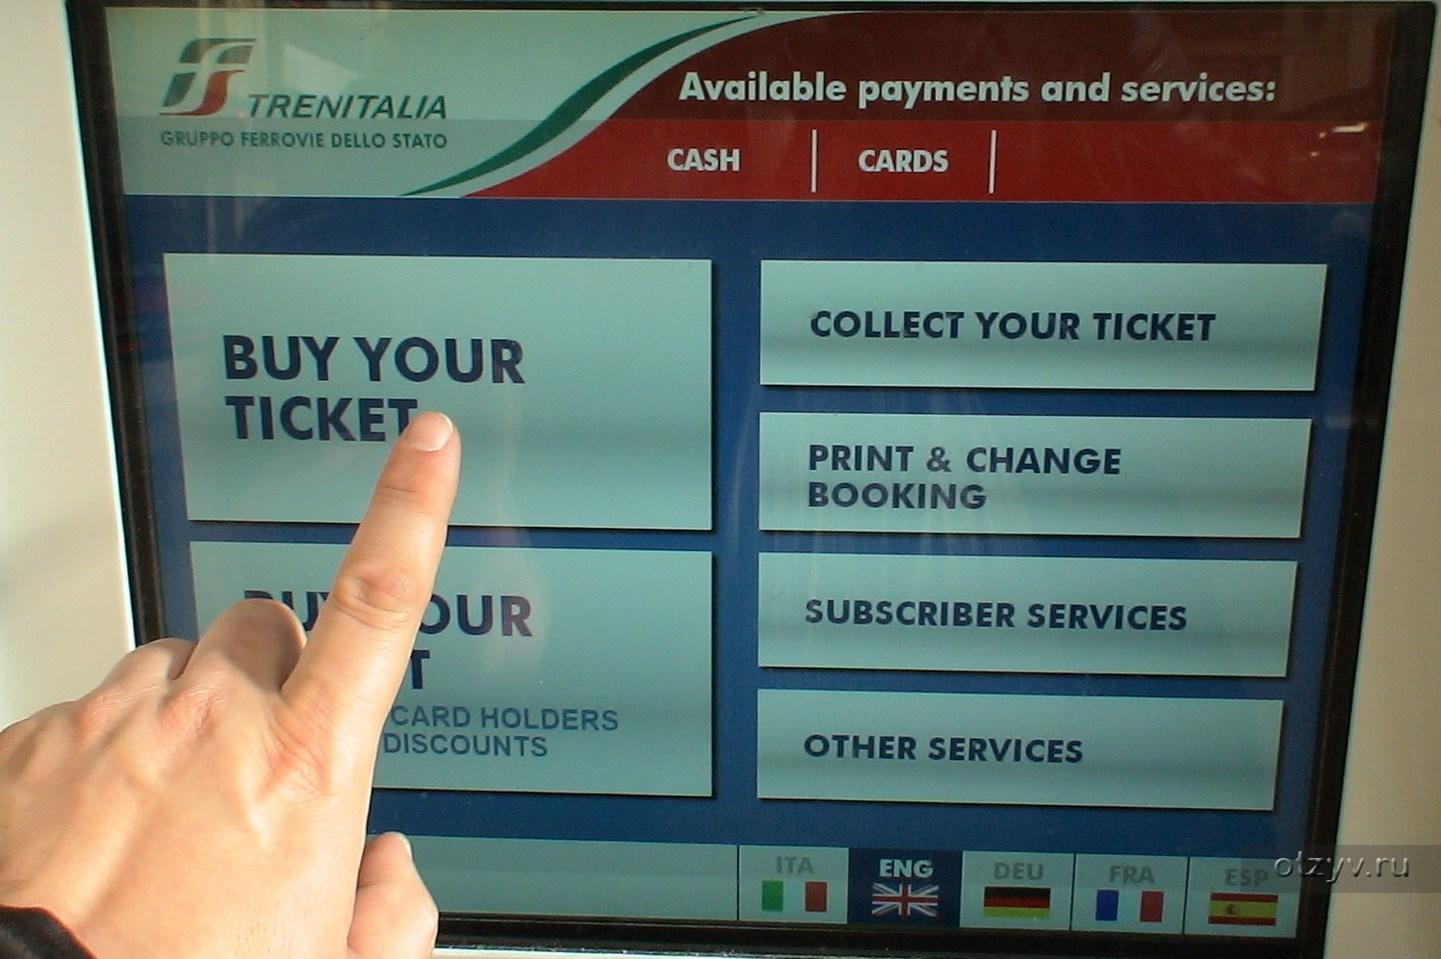 Как купить билет на поезд во франции в автомате билет на самолет салехард до тюмени